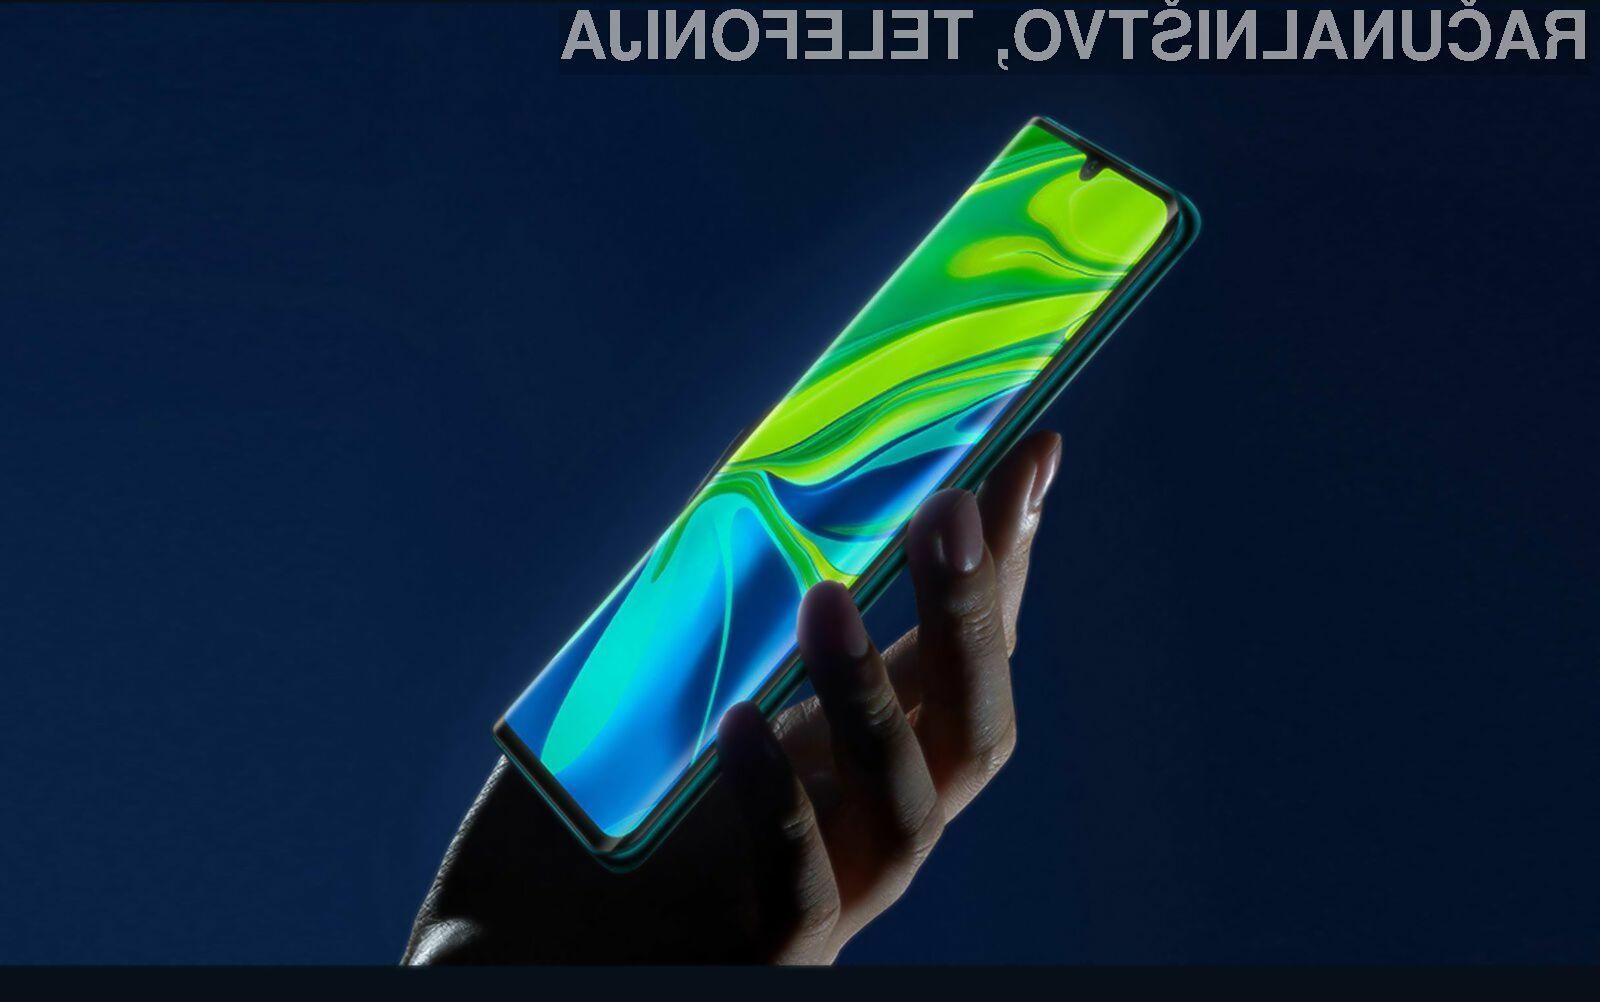 Pametni mobilni telefon Xiaomi Mi CC9 Pro je prvi opremljen s fotoaparatom ločljivosti 108 milijonov slikovnih točk.